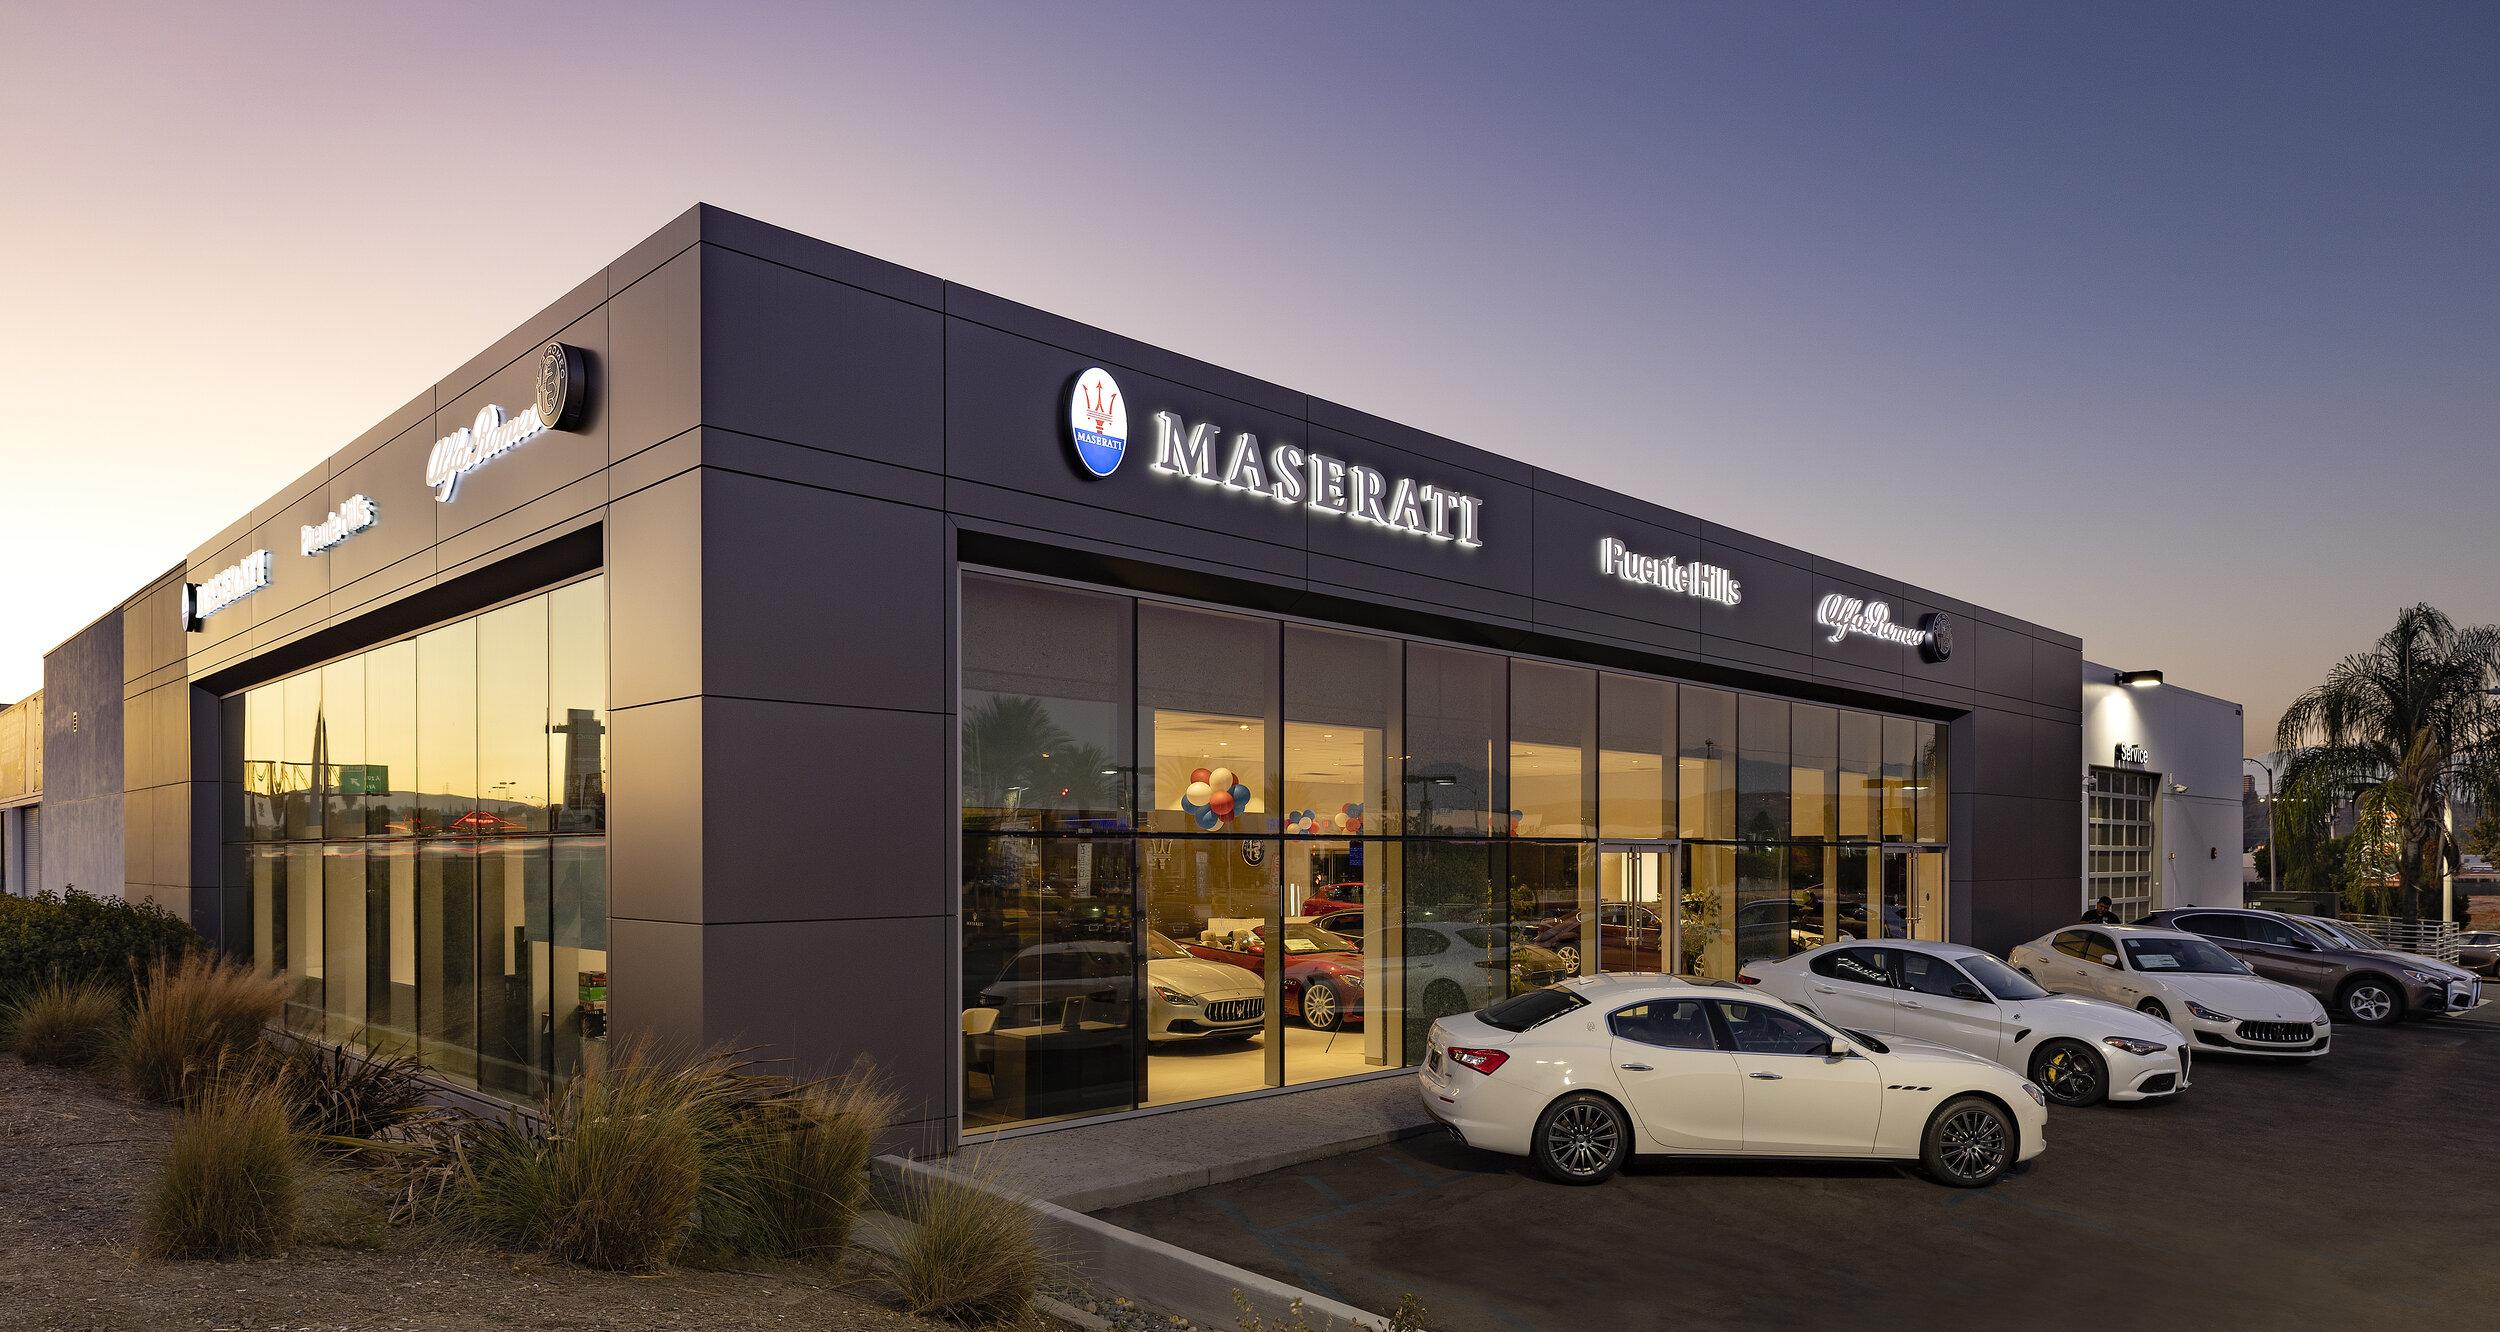 Maserati_01.jpg